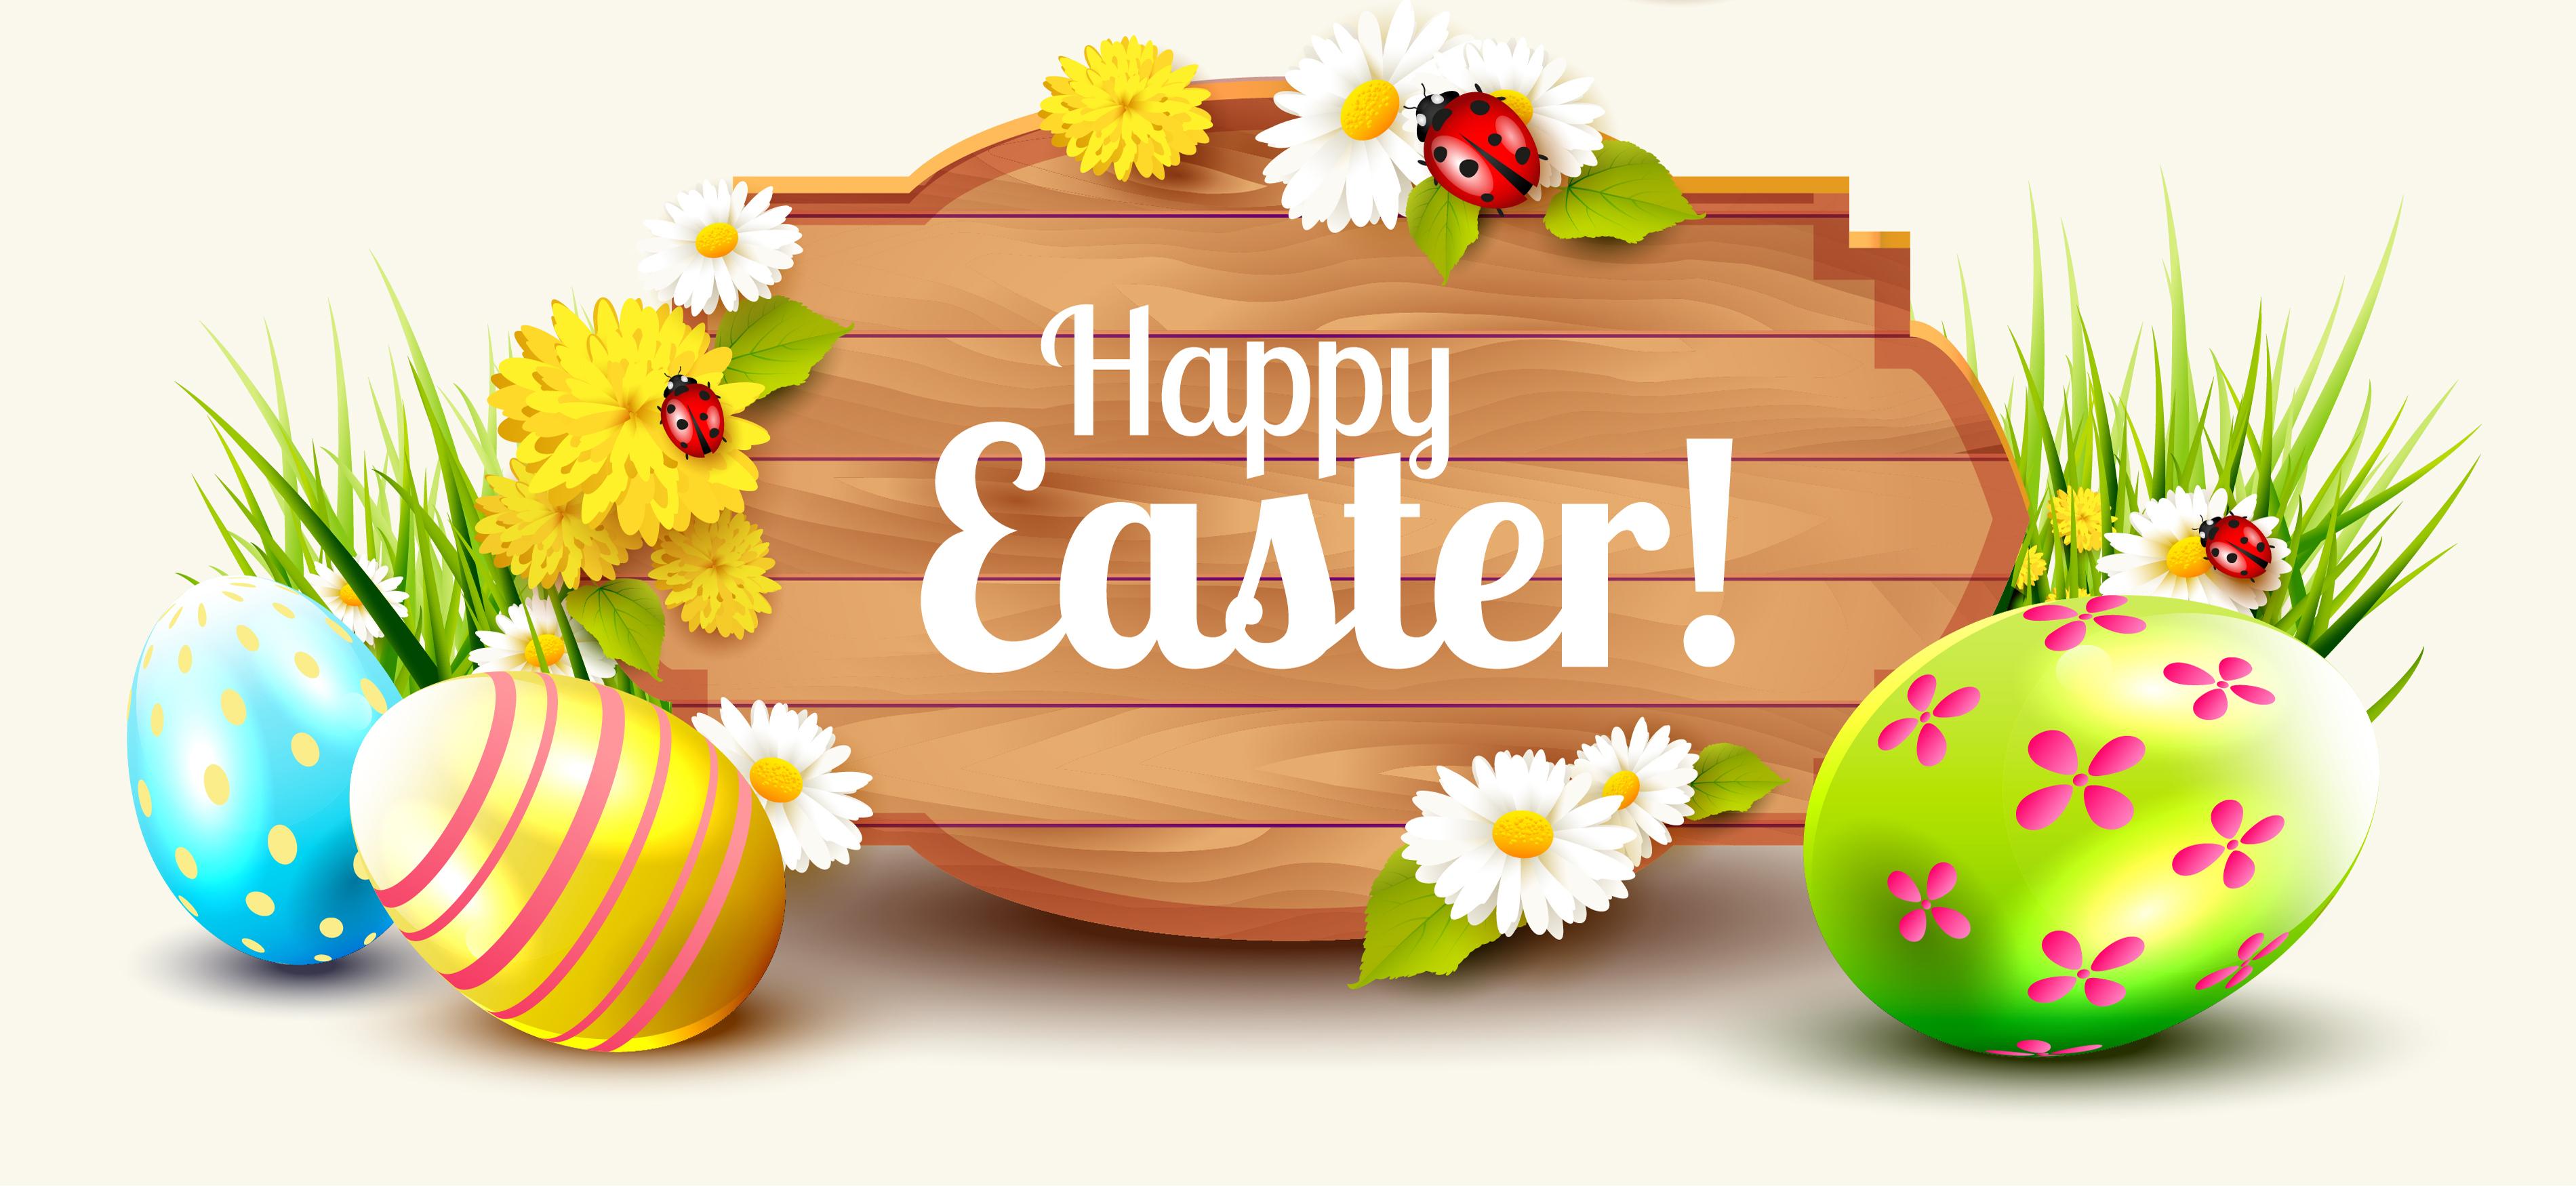 Картинка Пасха Божьи коровки Английский яиц цветок Ромашки Одуванчики Белый фон 3800x1750 инглийские английская яйцо Яйца яйцами Цветы ромашка белом фоне белым фоном